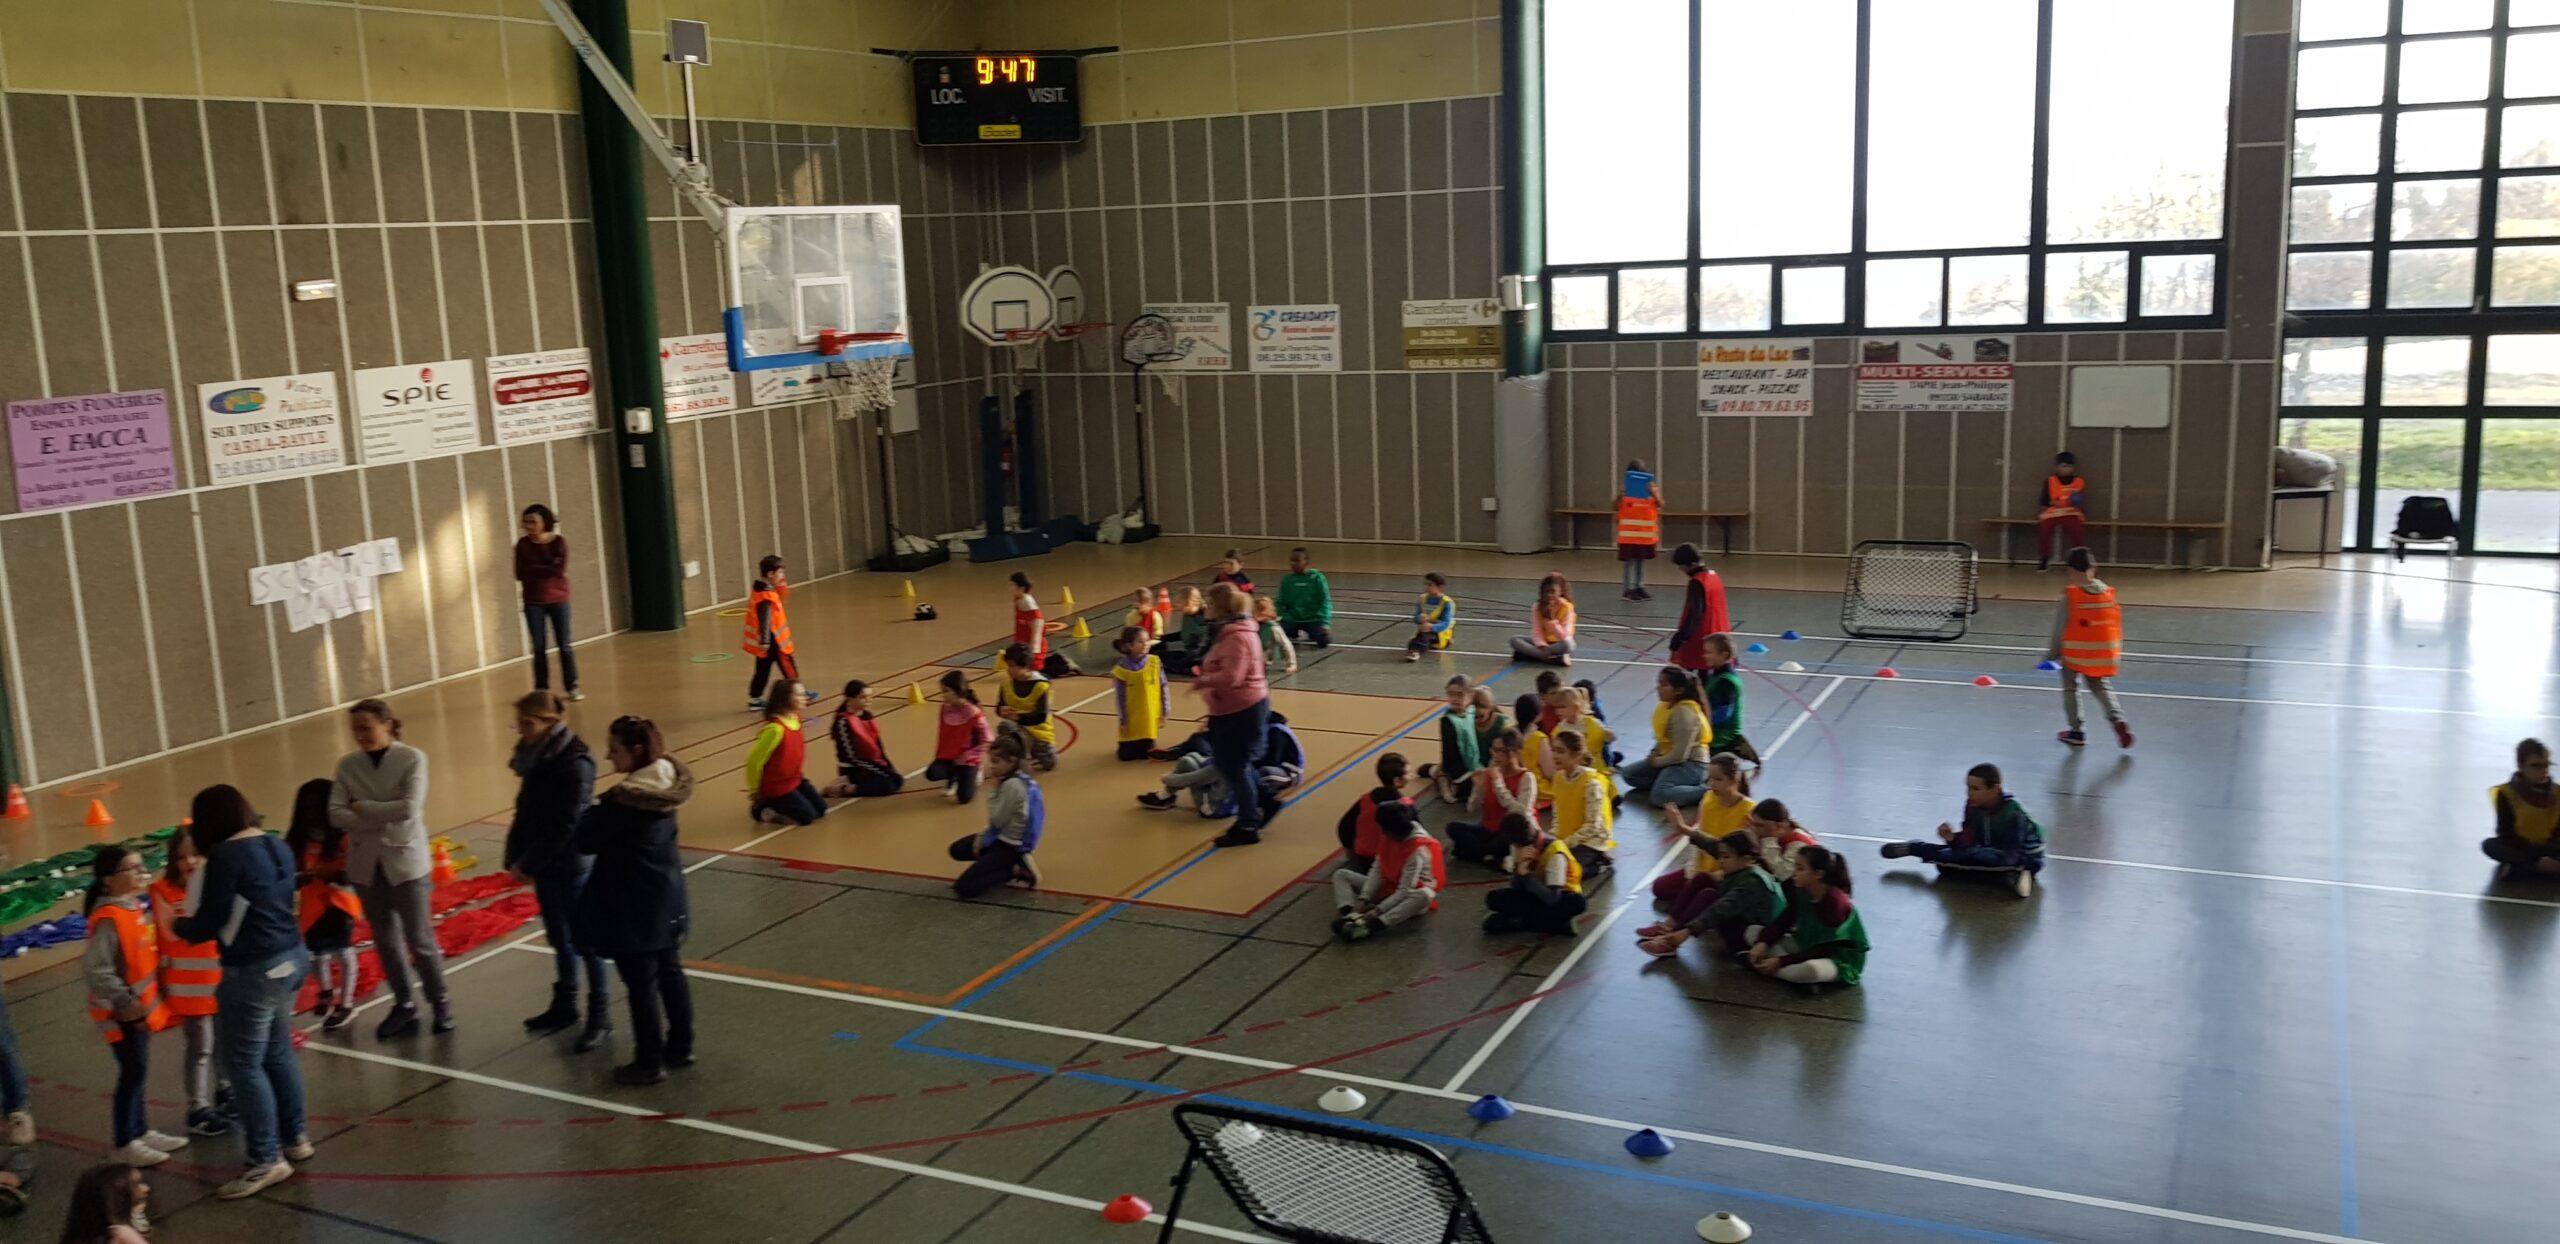 Rencontre sportive associative, qu'est-ce que c'est ?